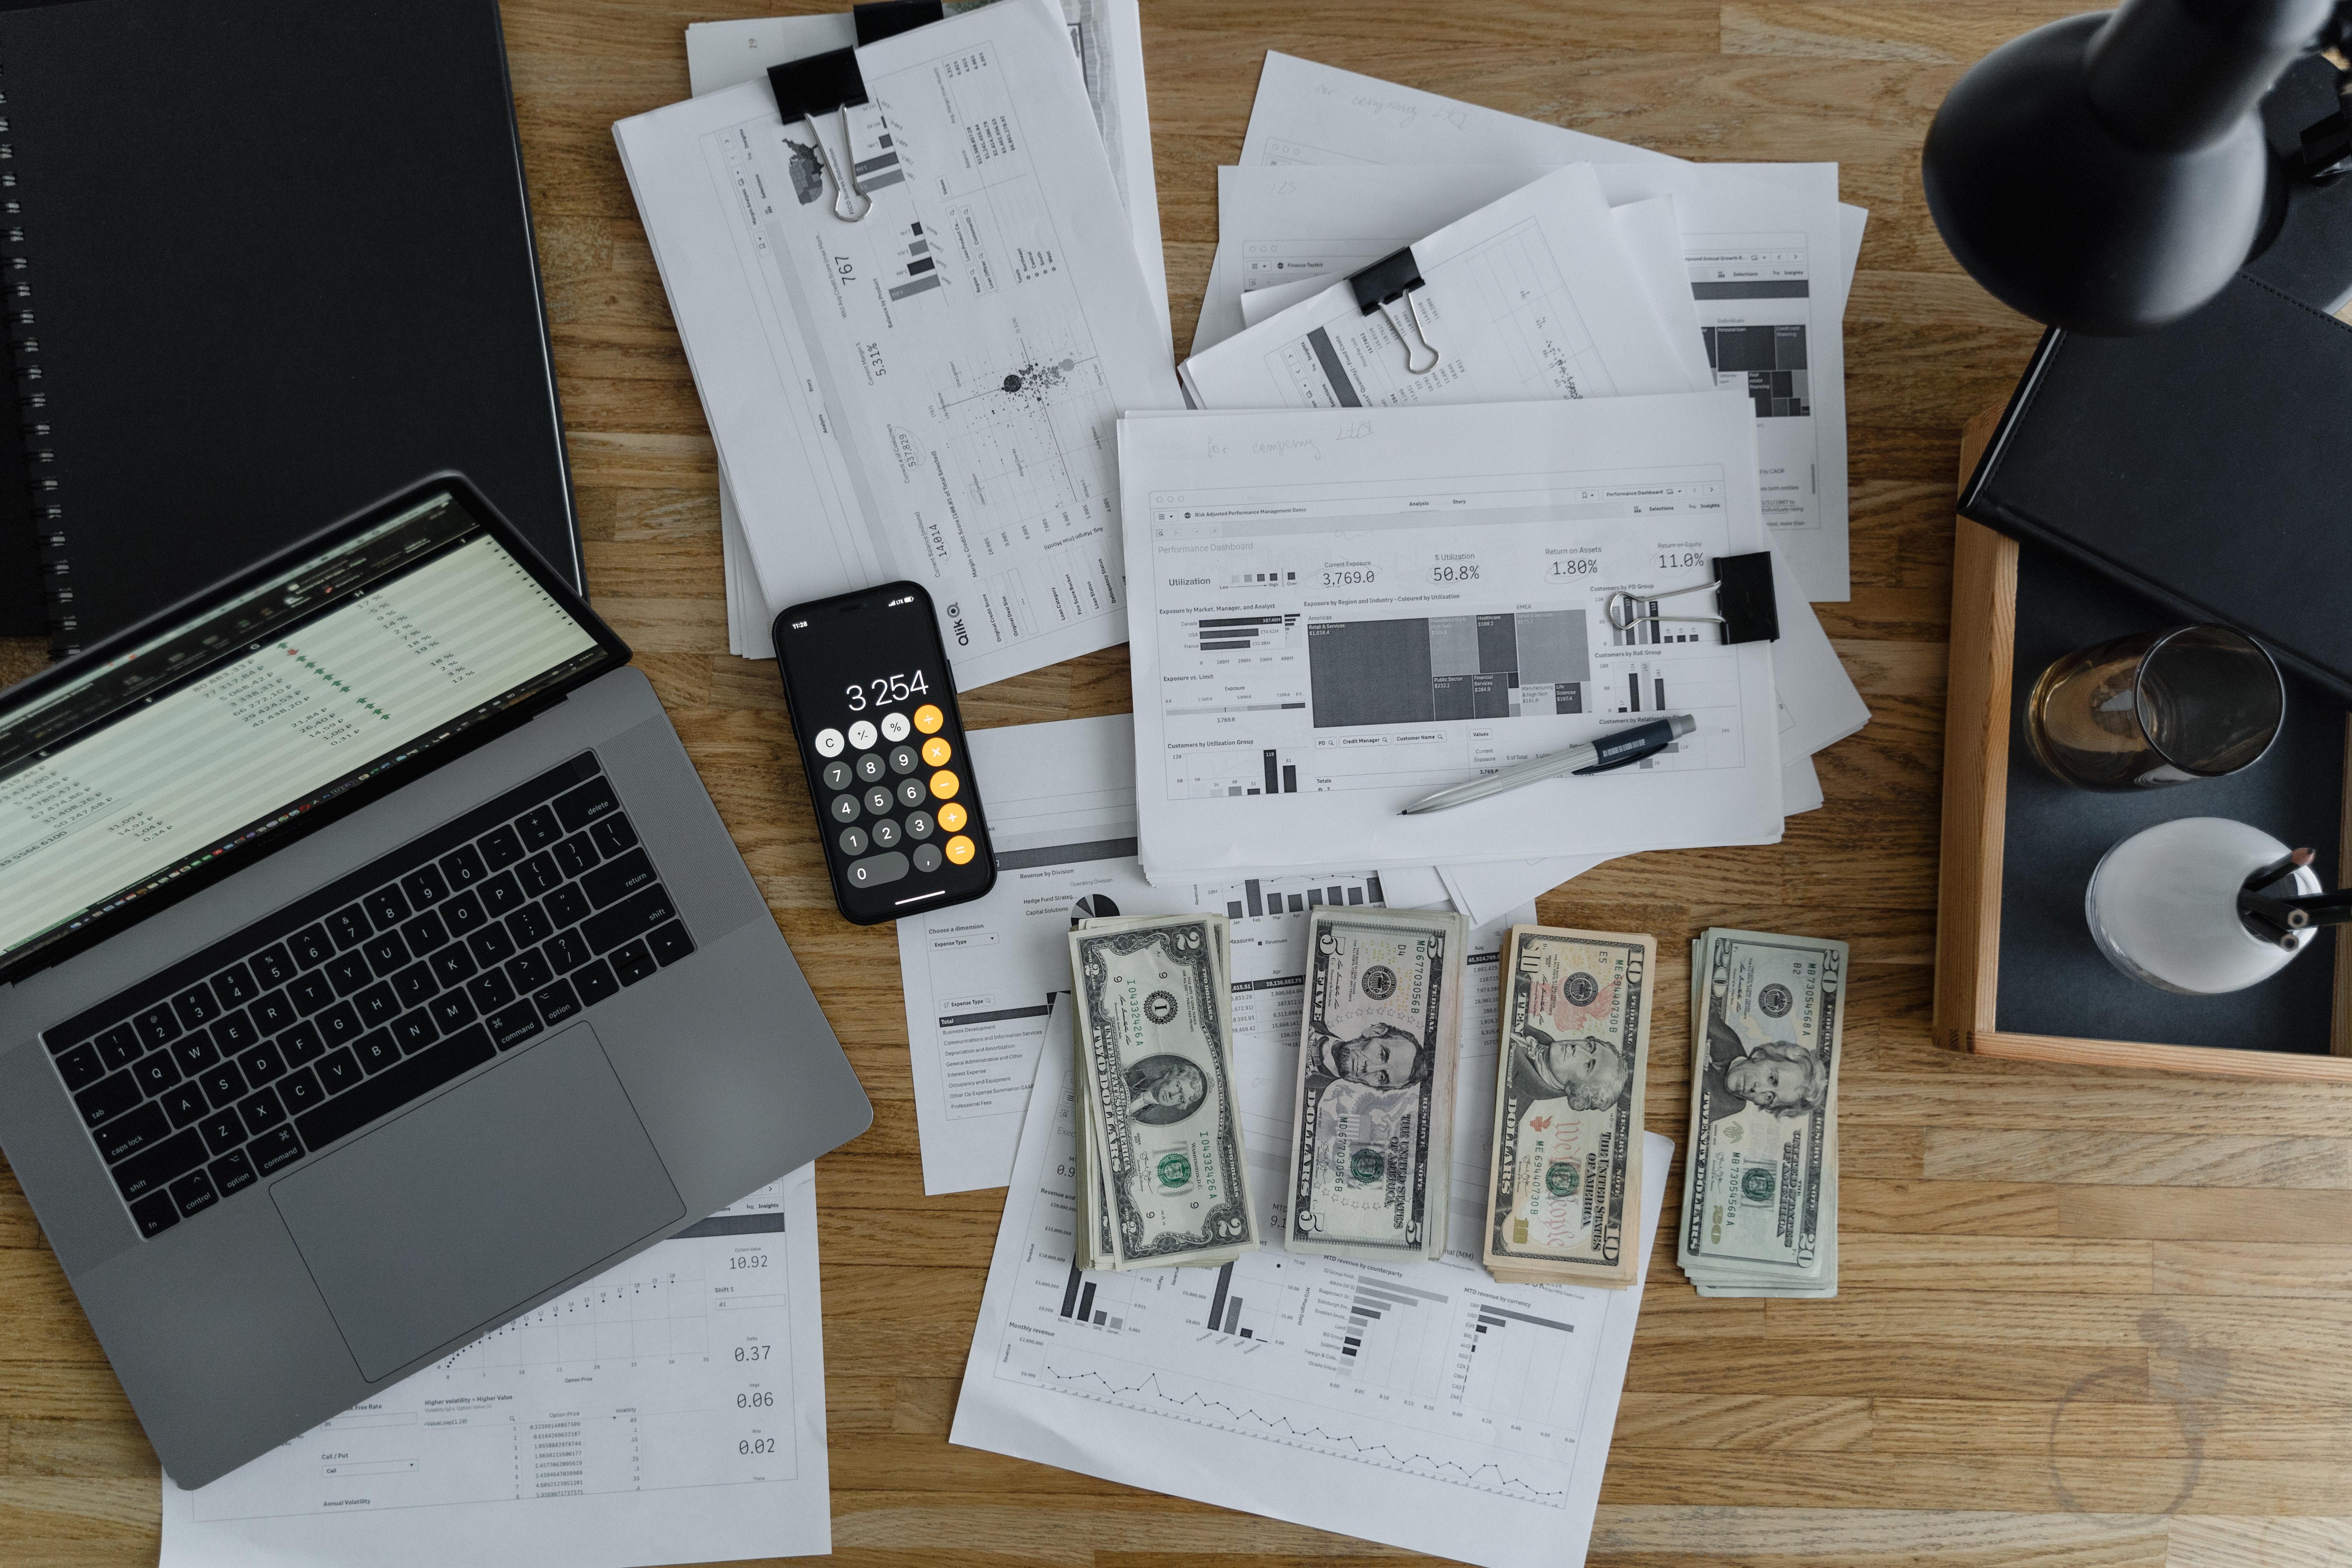 Pengertian Akuntansi: Tujuan, Fungsi, Manfaat dan Jenis - Jenisnya 1